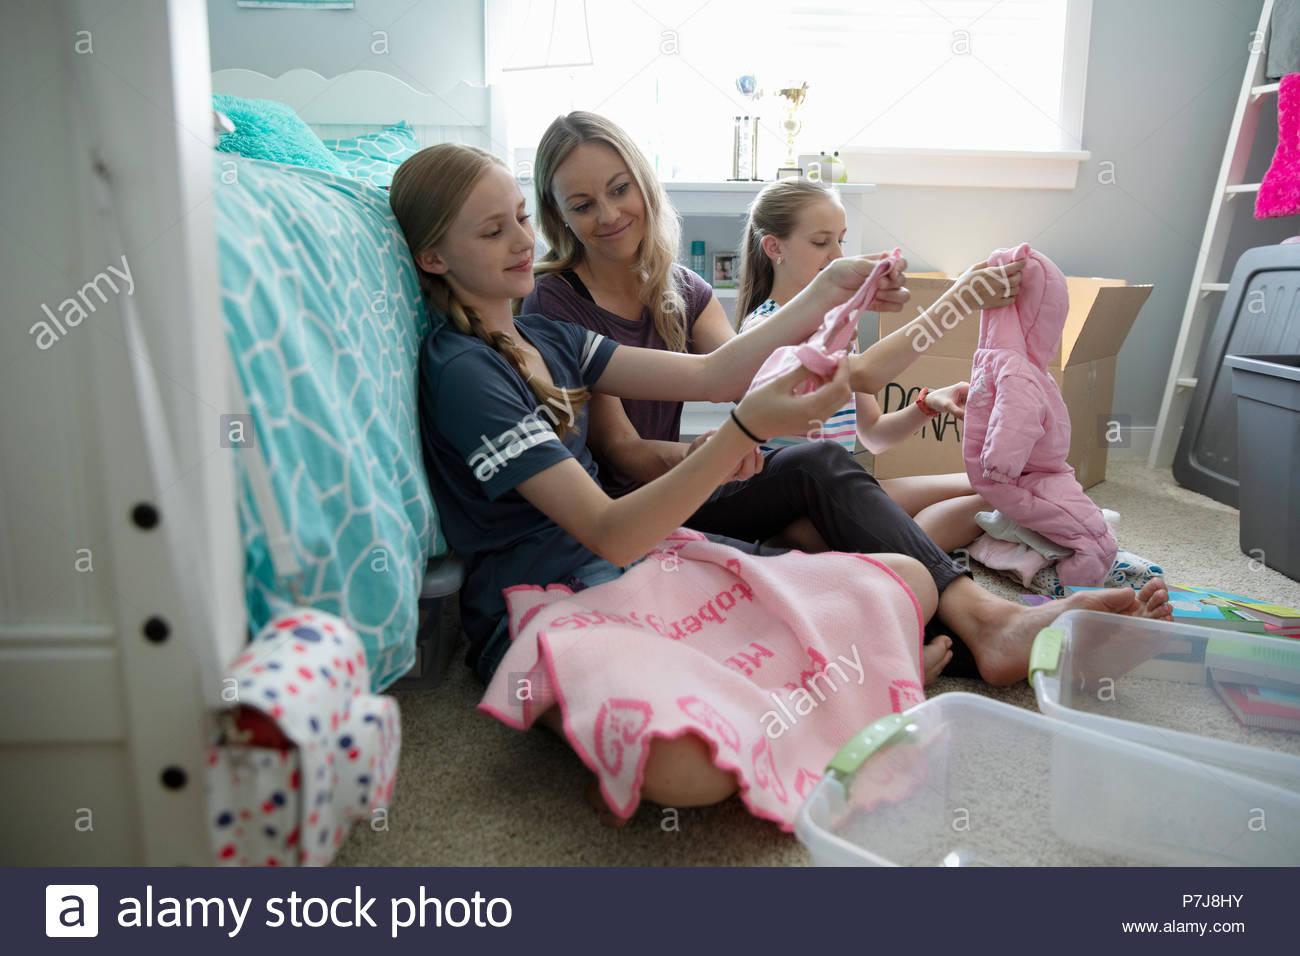 La mère et les filles faisant don de vêtements de bébé dans la chambre Photo Stock